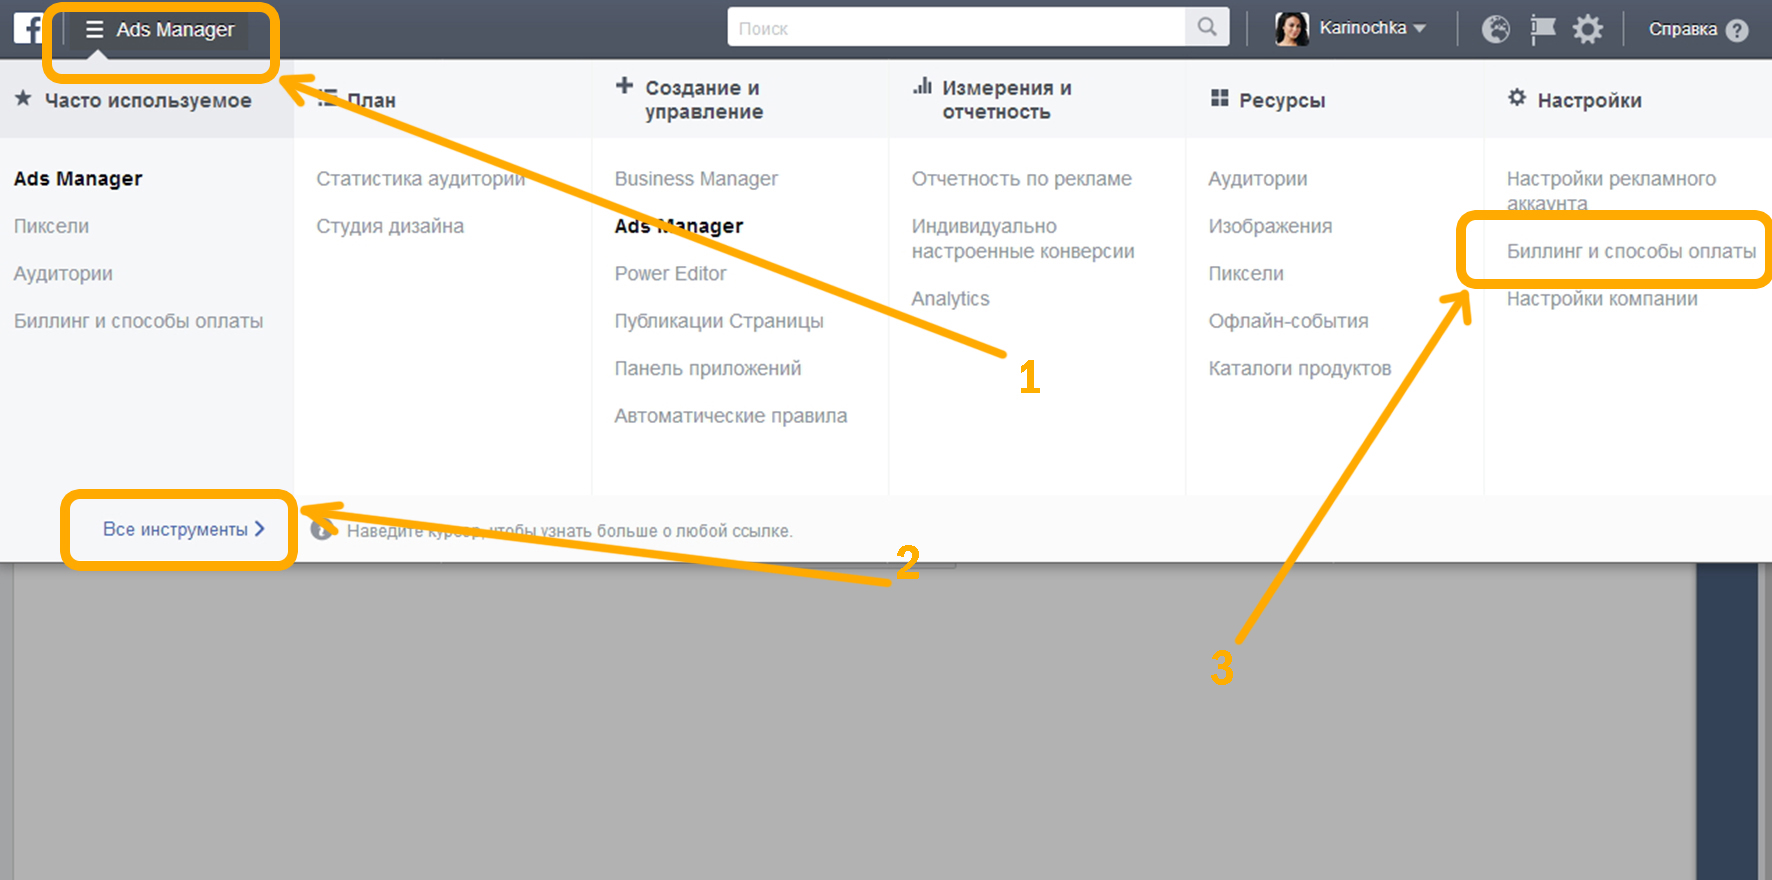 Поочередный список действий, необходимых пользователю, чтобы получить доступ к меню биллинга и способов оплат, для установки лимита.